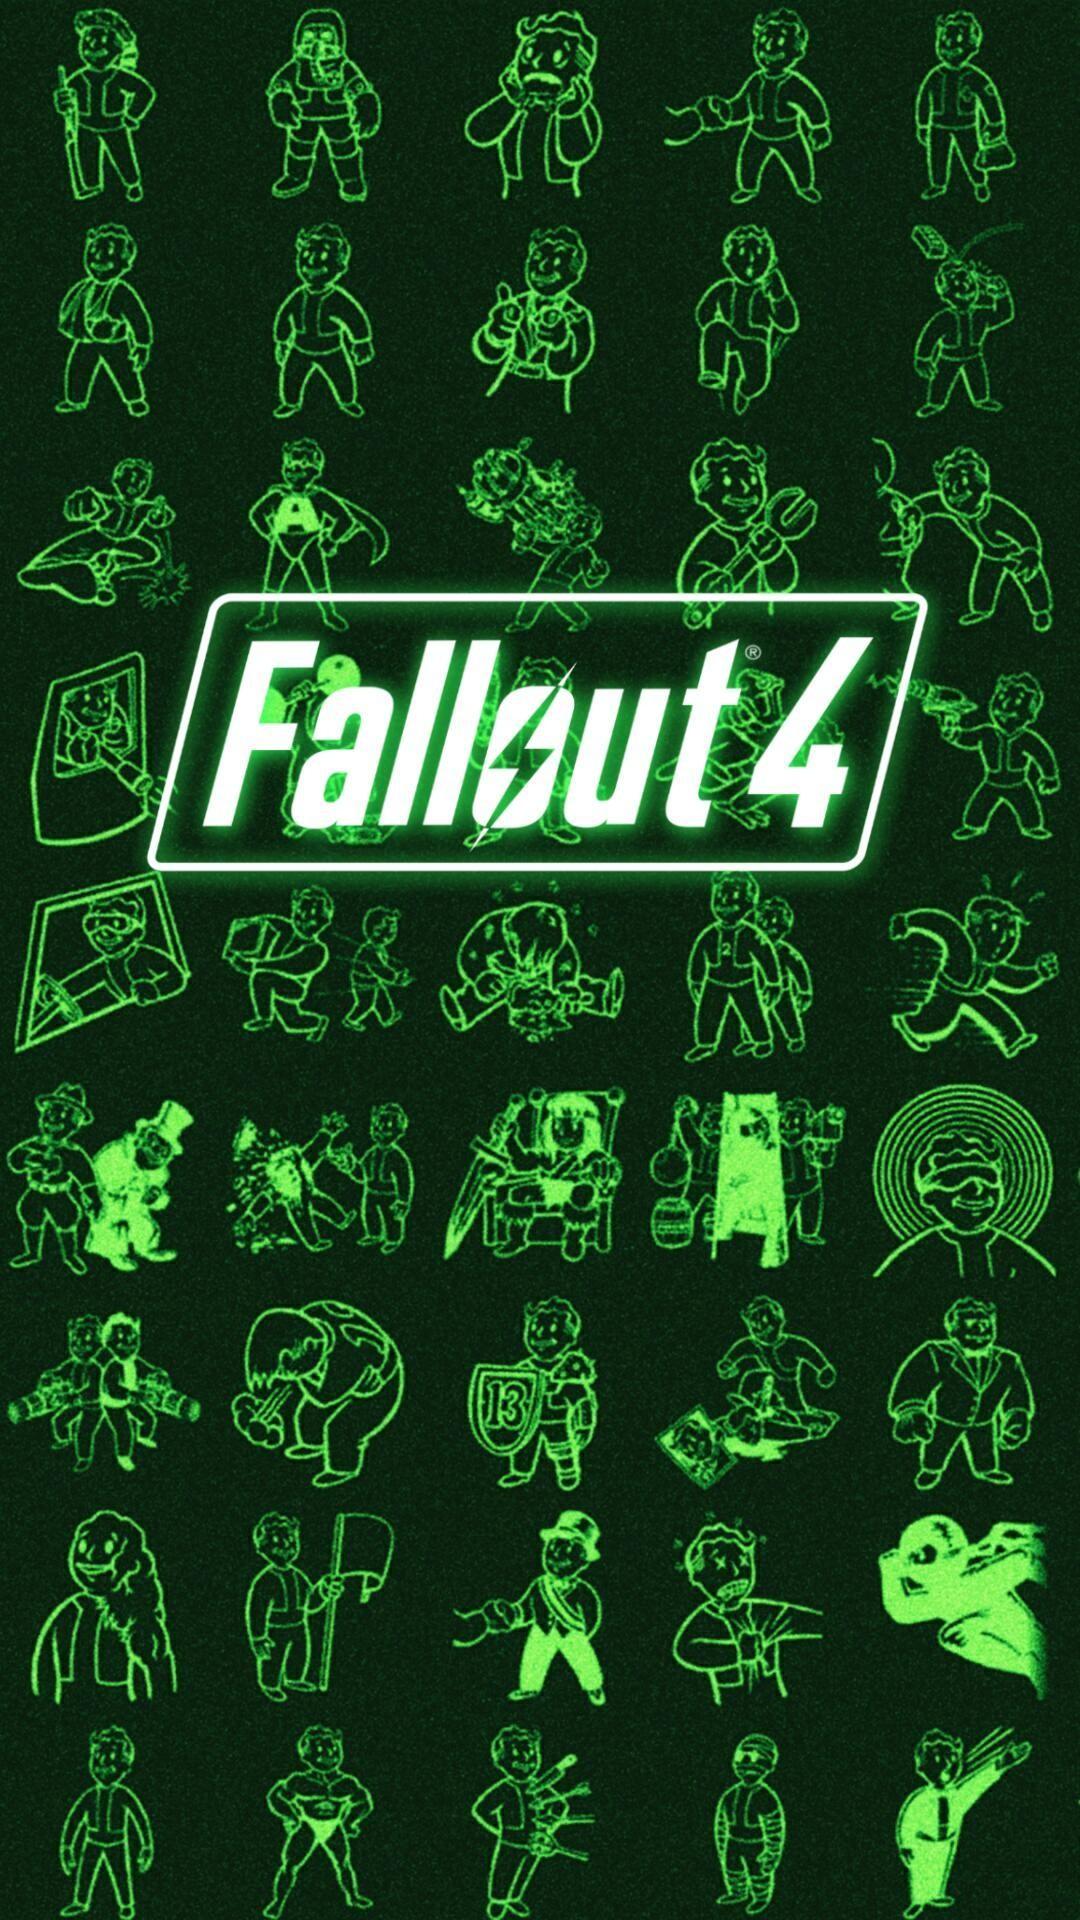 fallout fallout new vegas fallout wallpaper fallout 4 mobile wallpaper hd